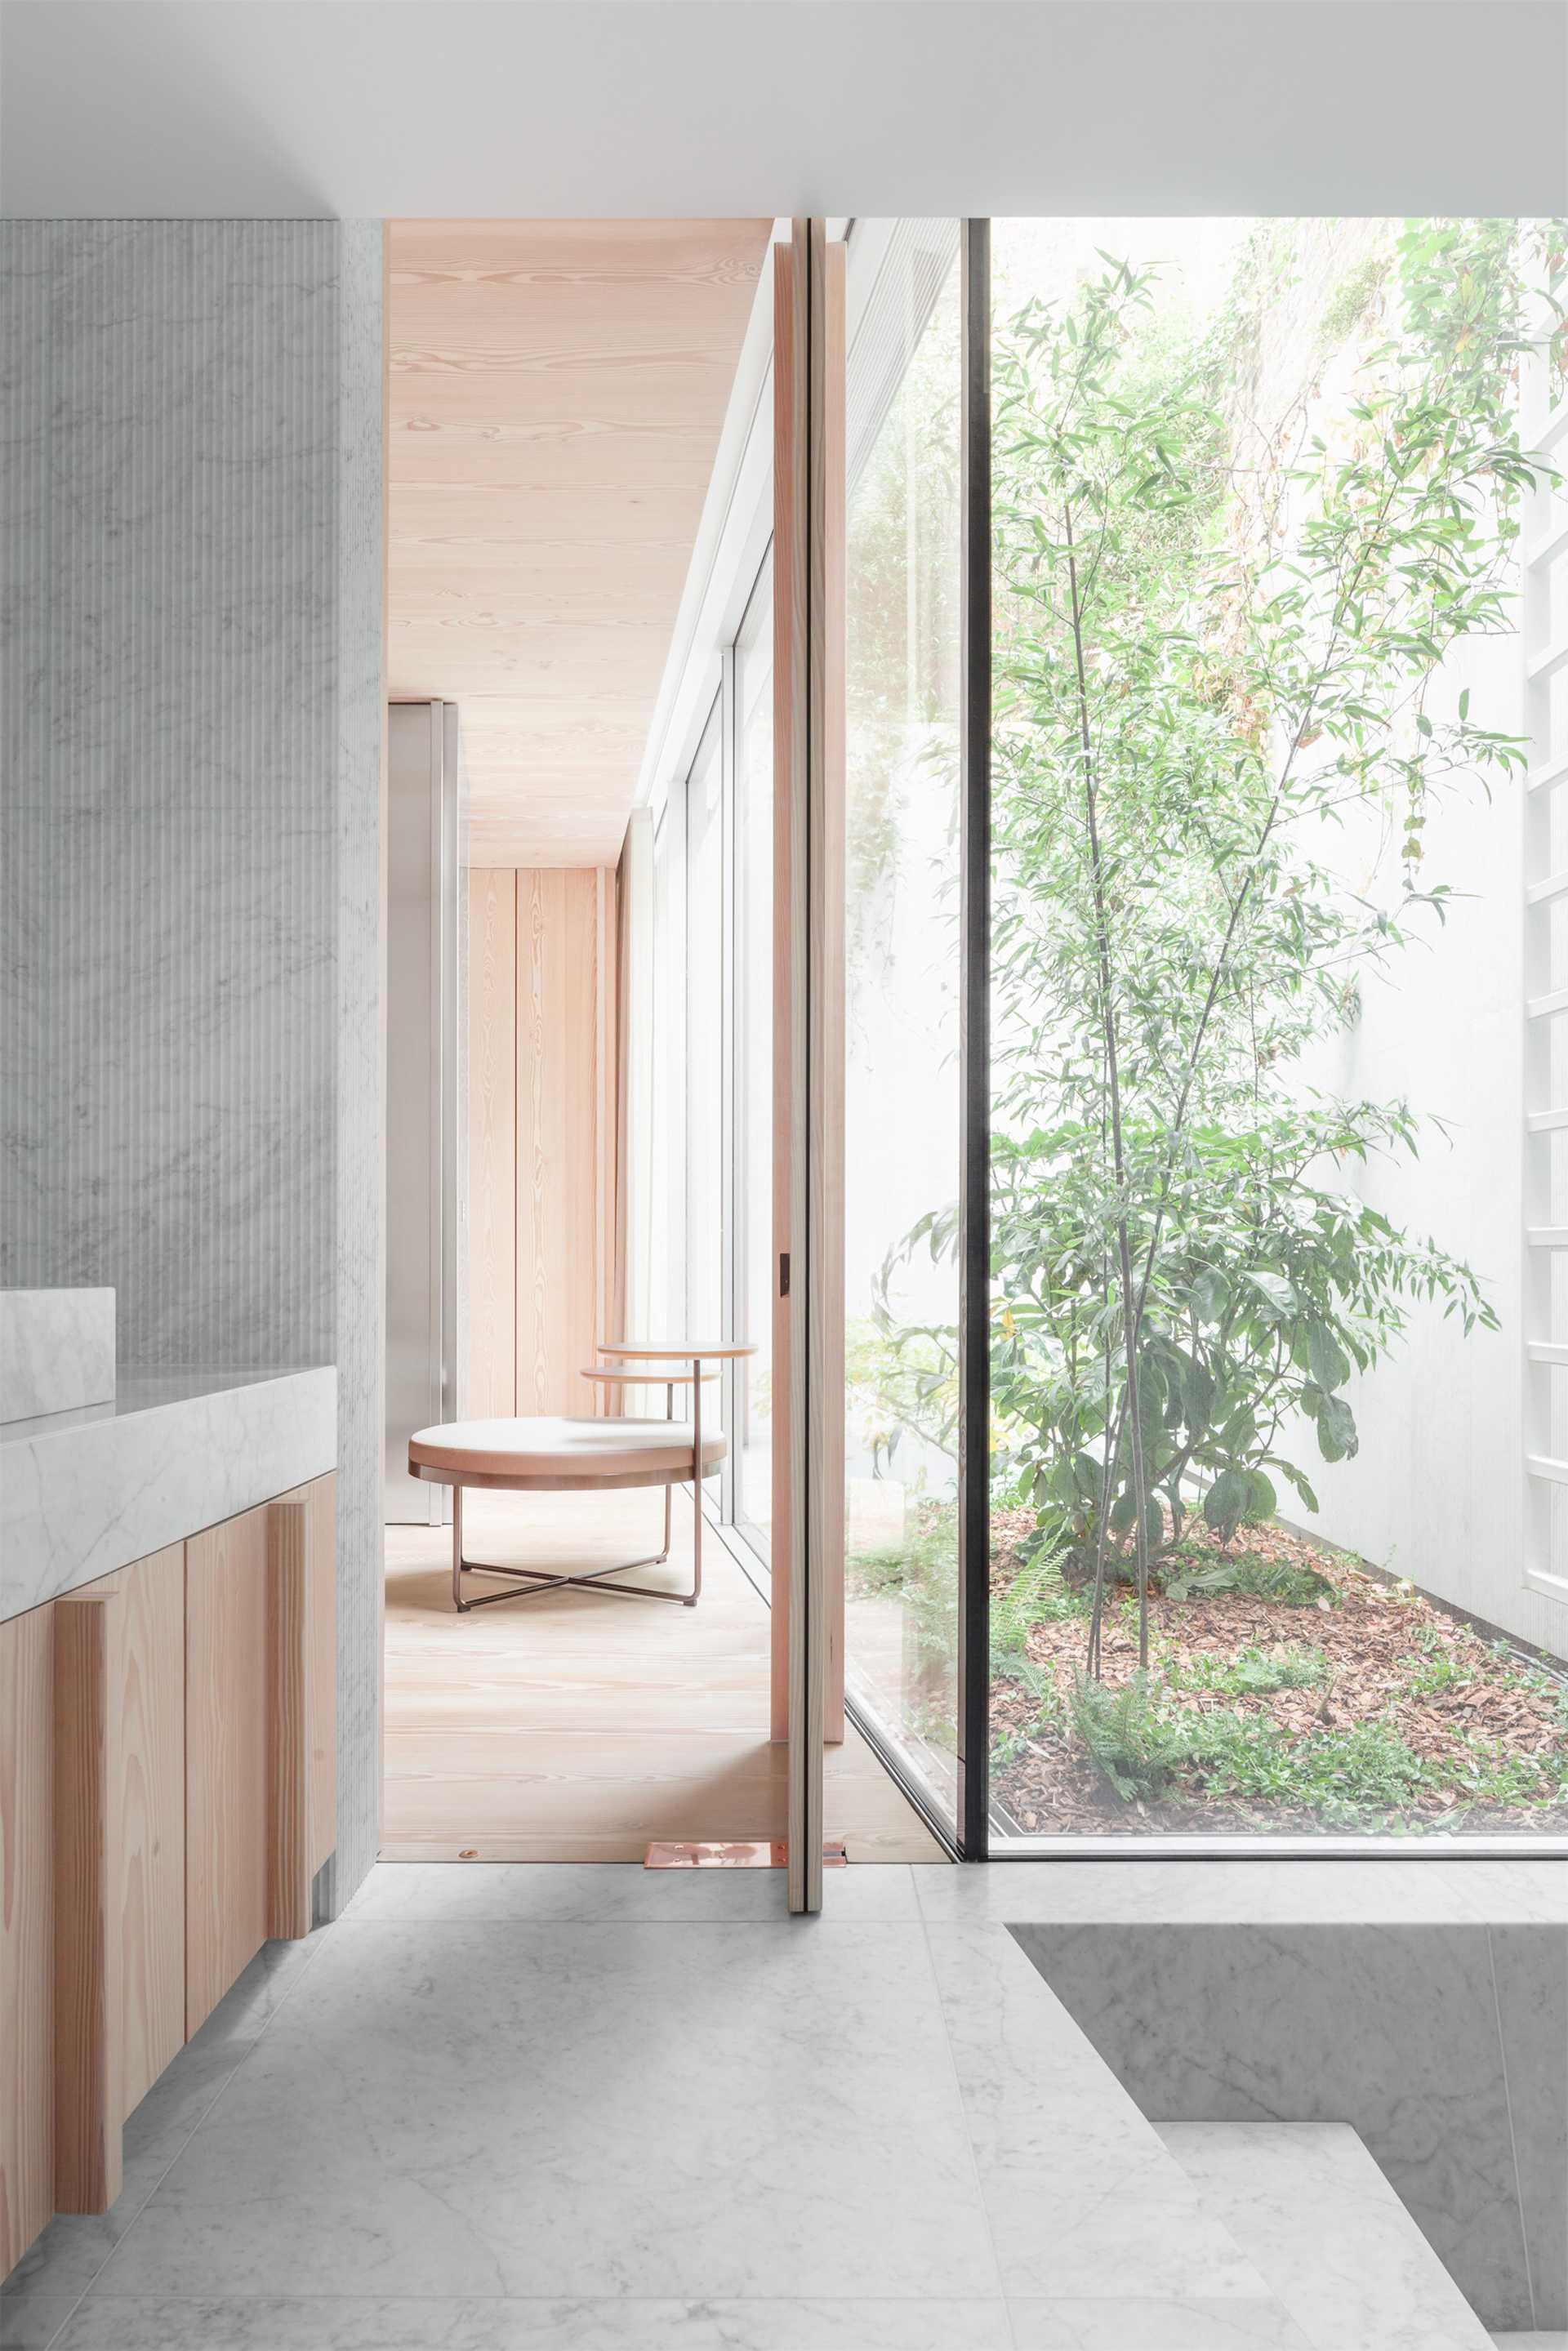 House in a Garden  - 39 8 45